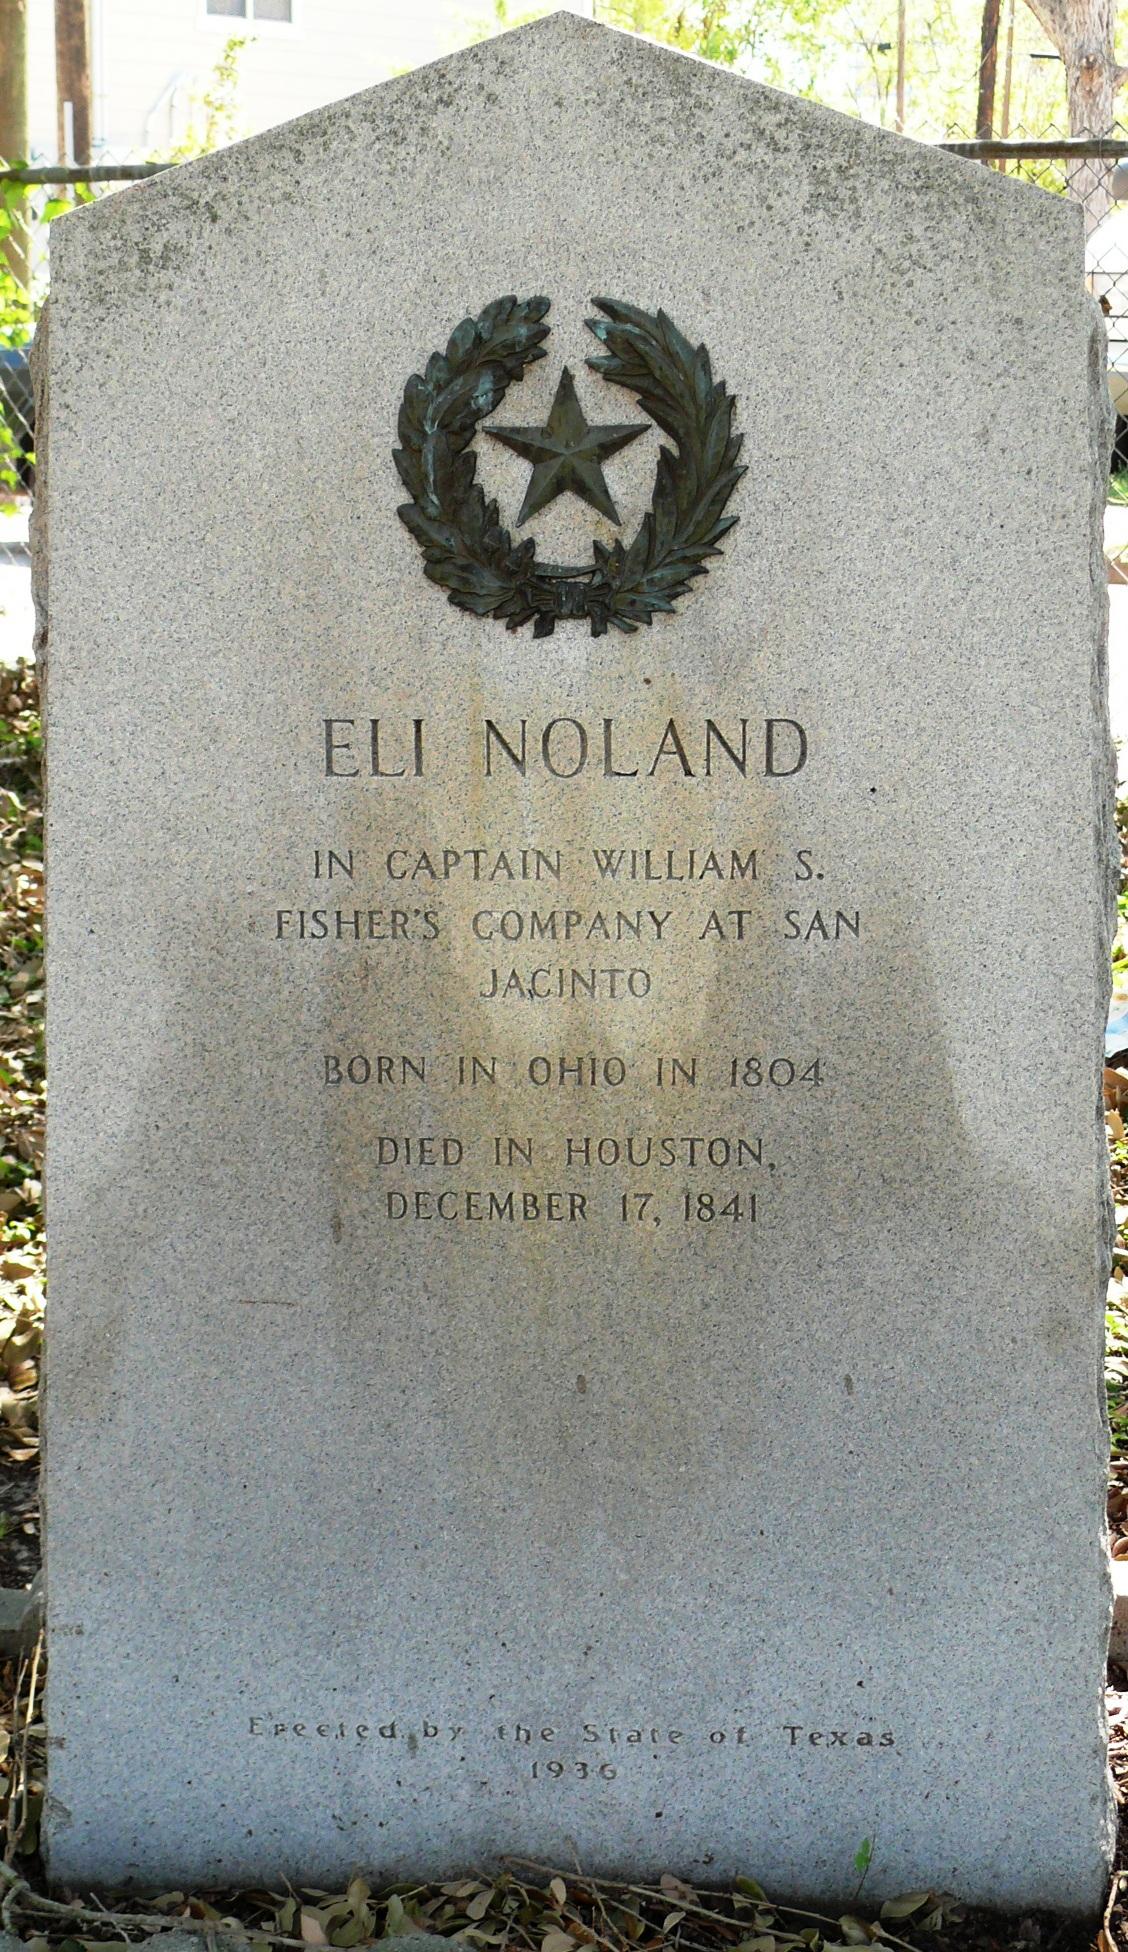 Founders', Eli Noland